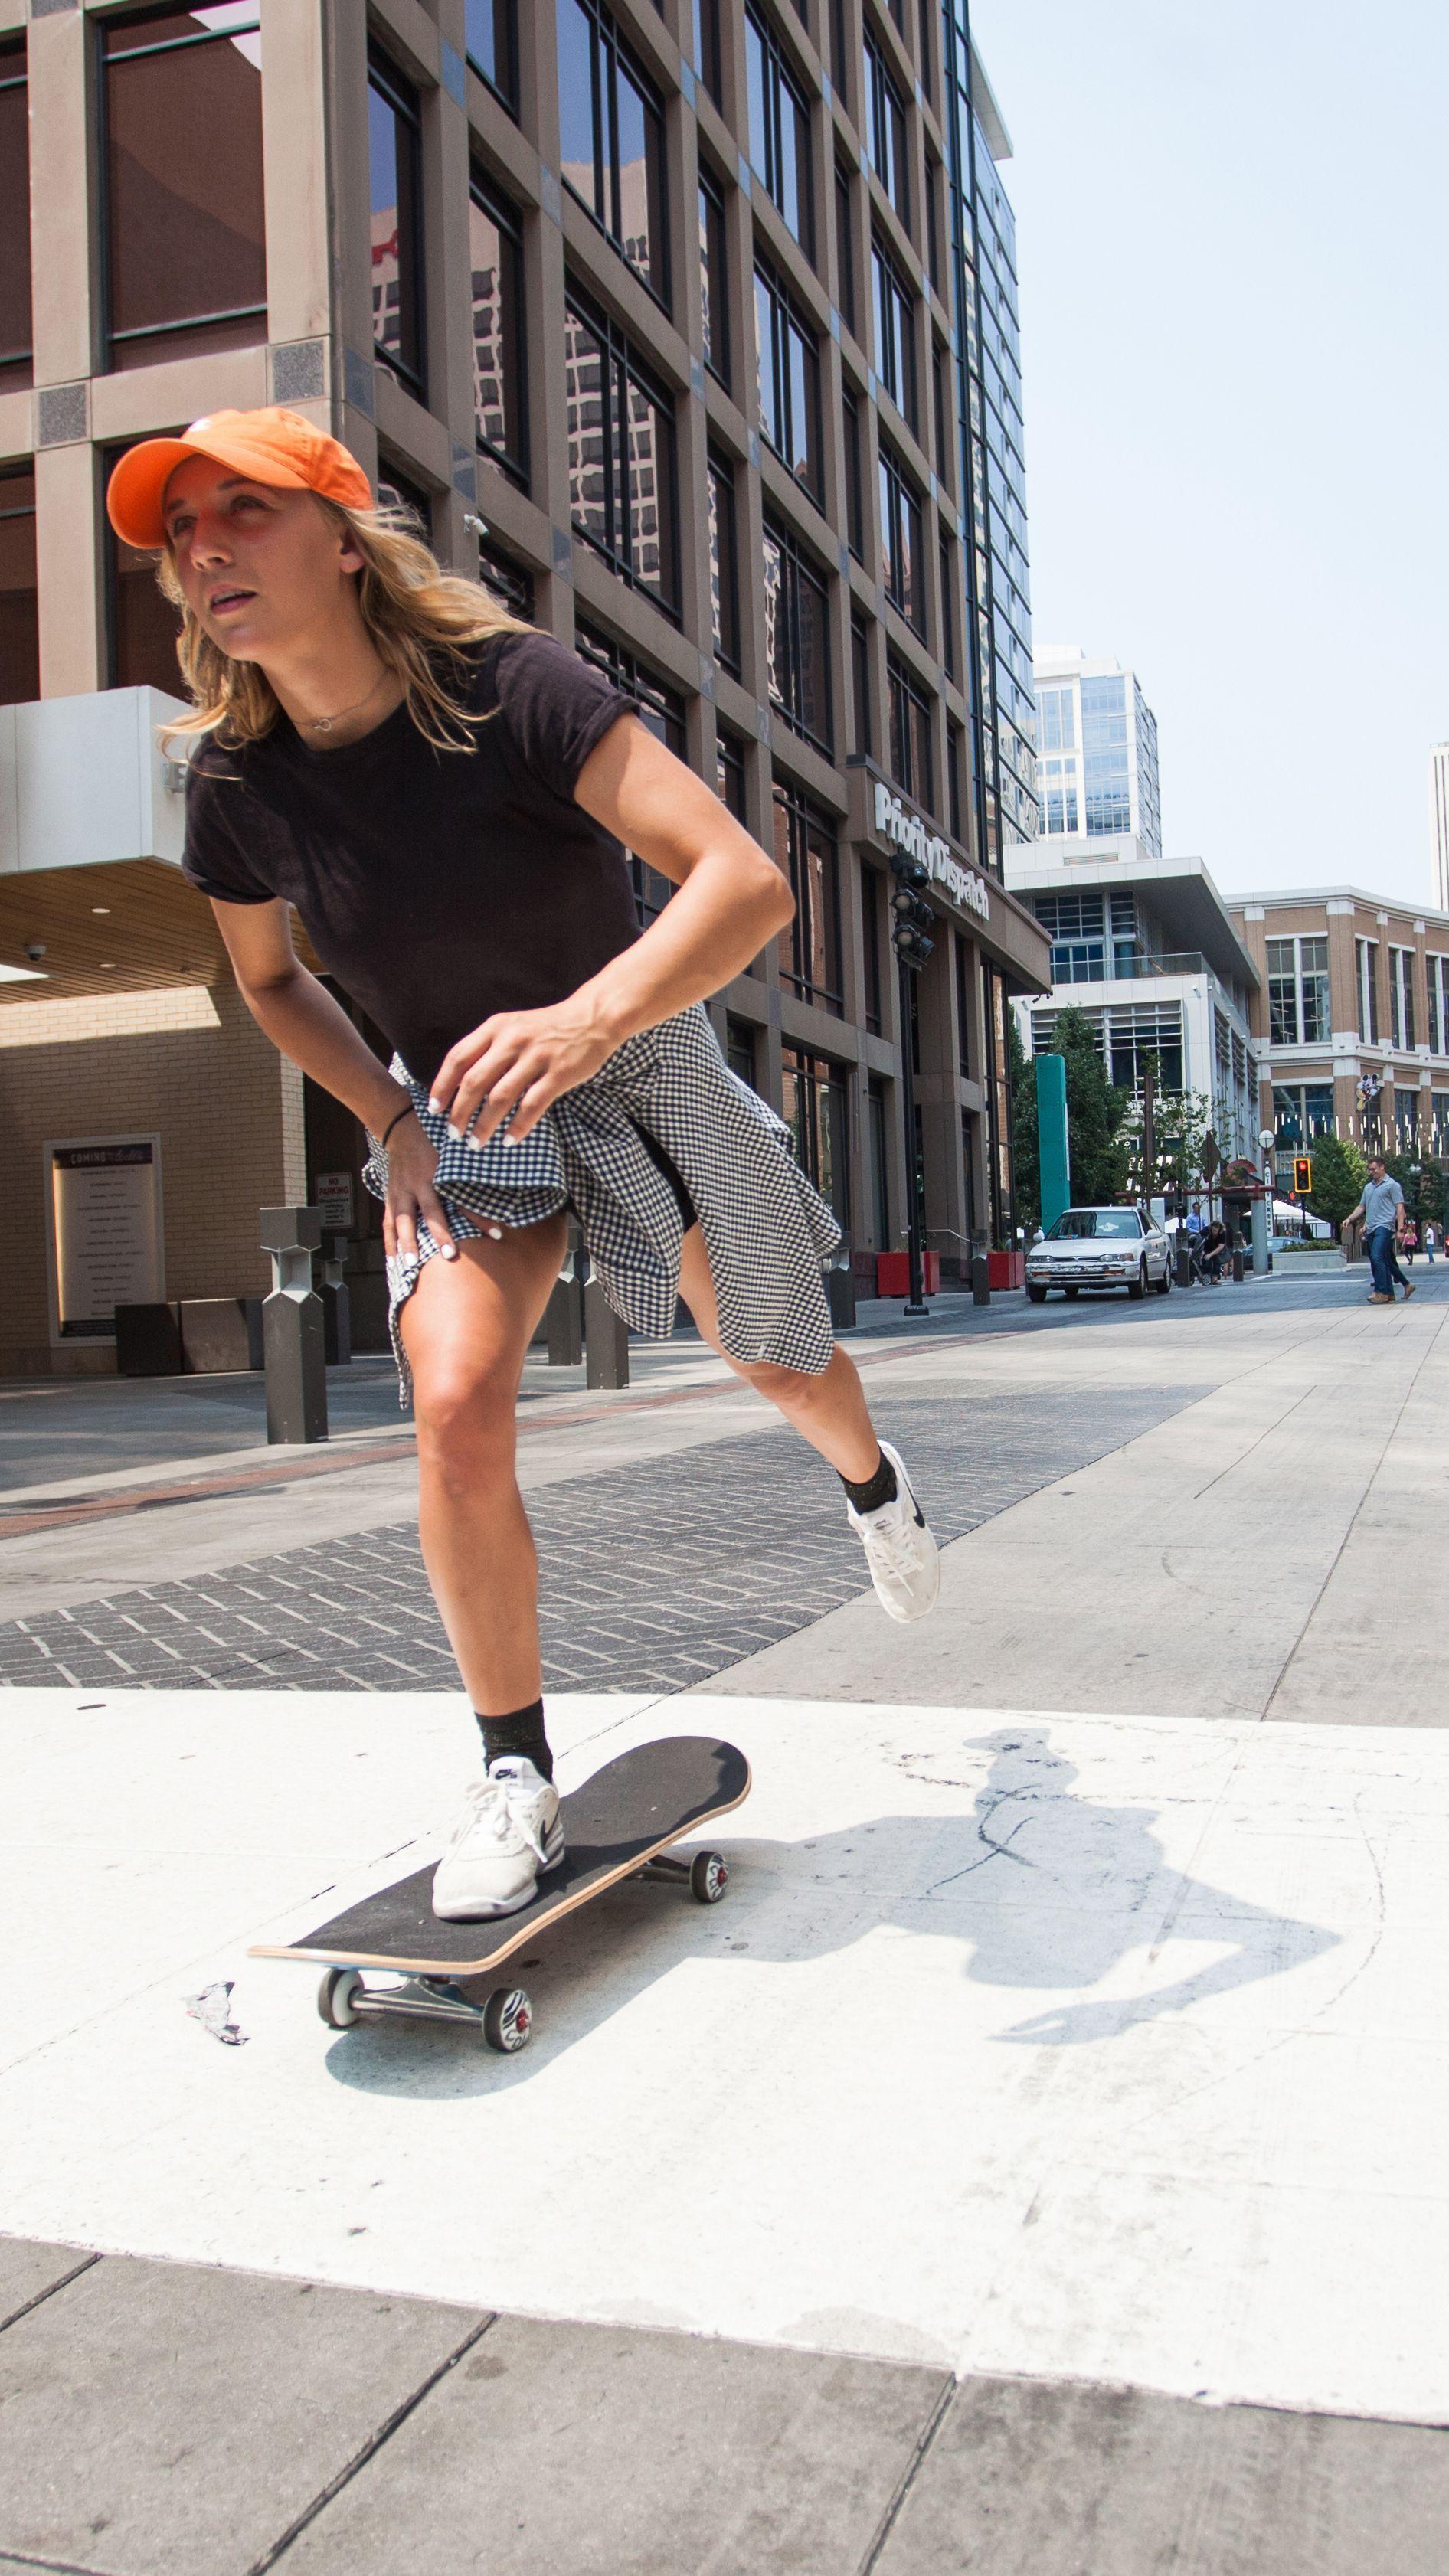 Skate like a girl 💪👩 | Skater girl style, Skater girl